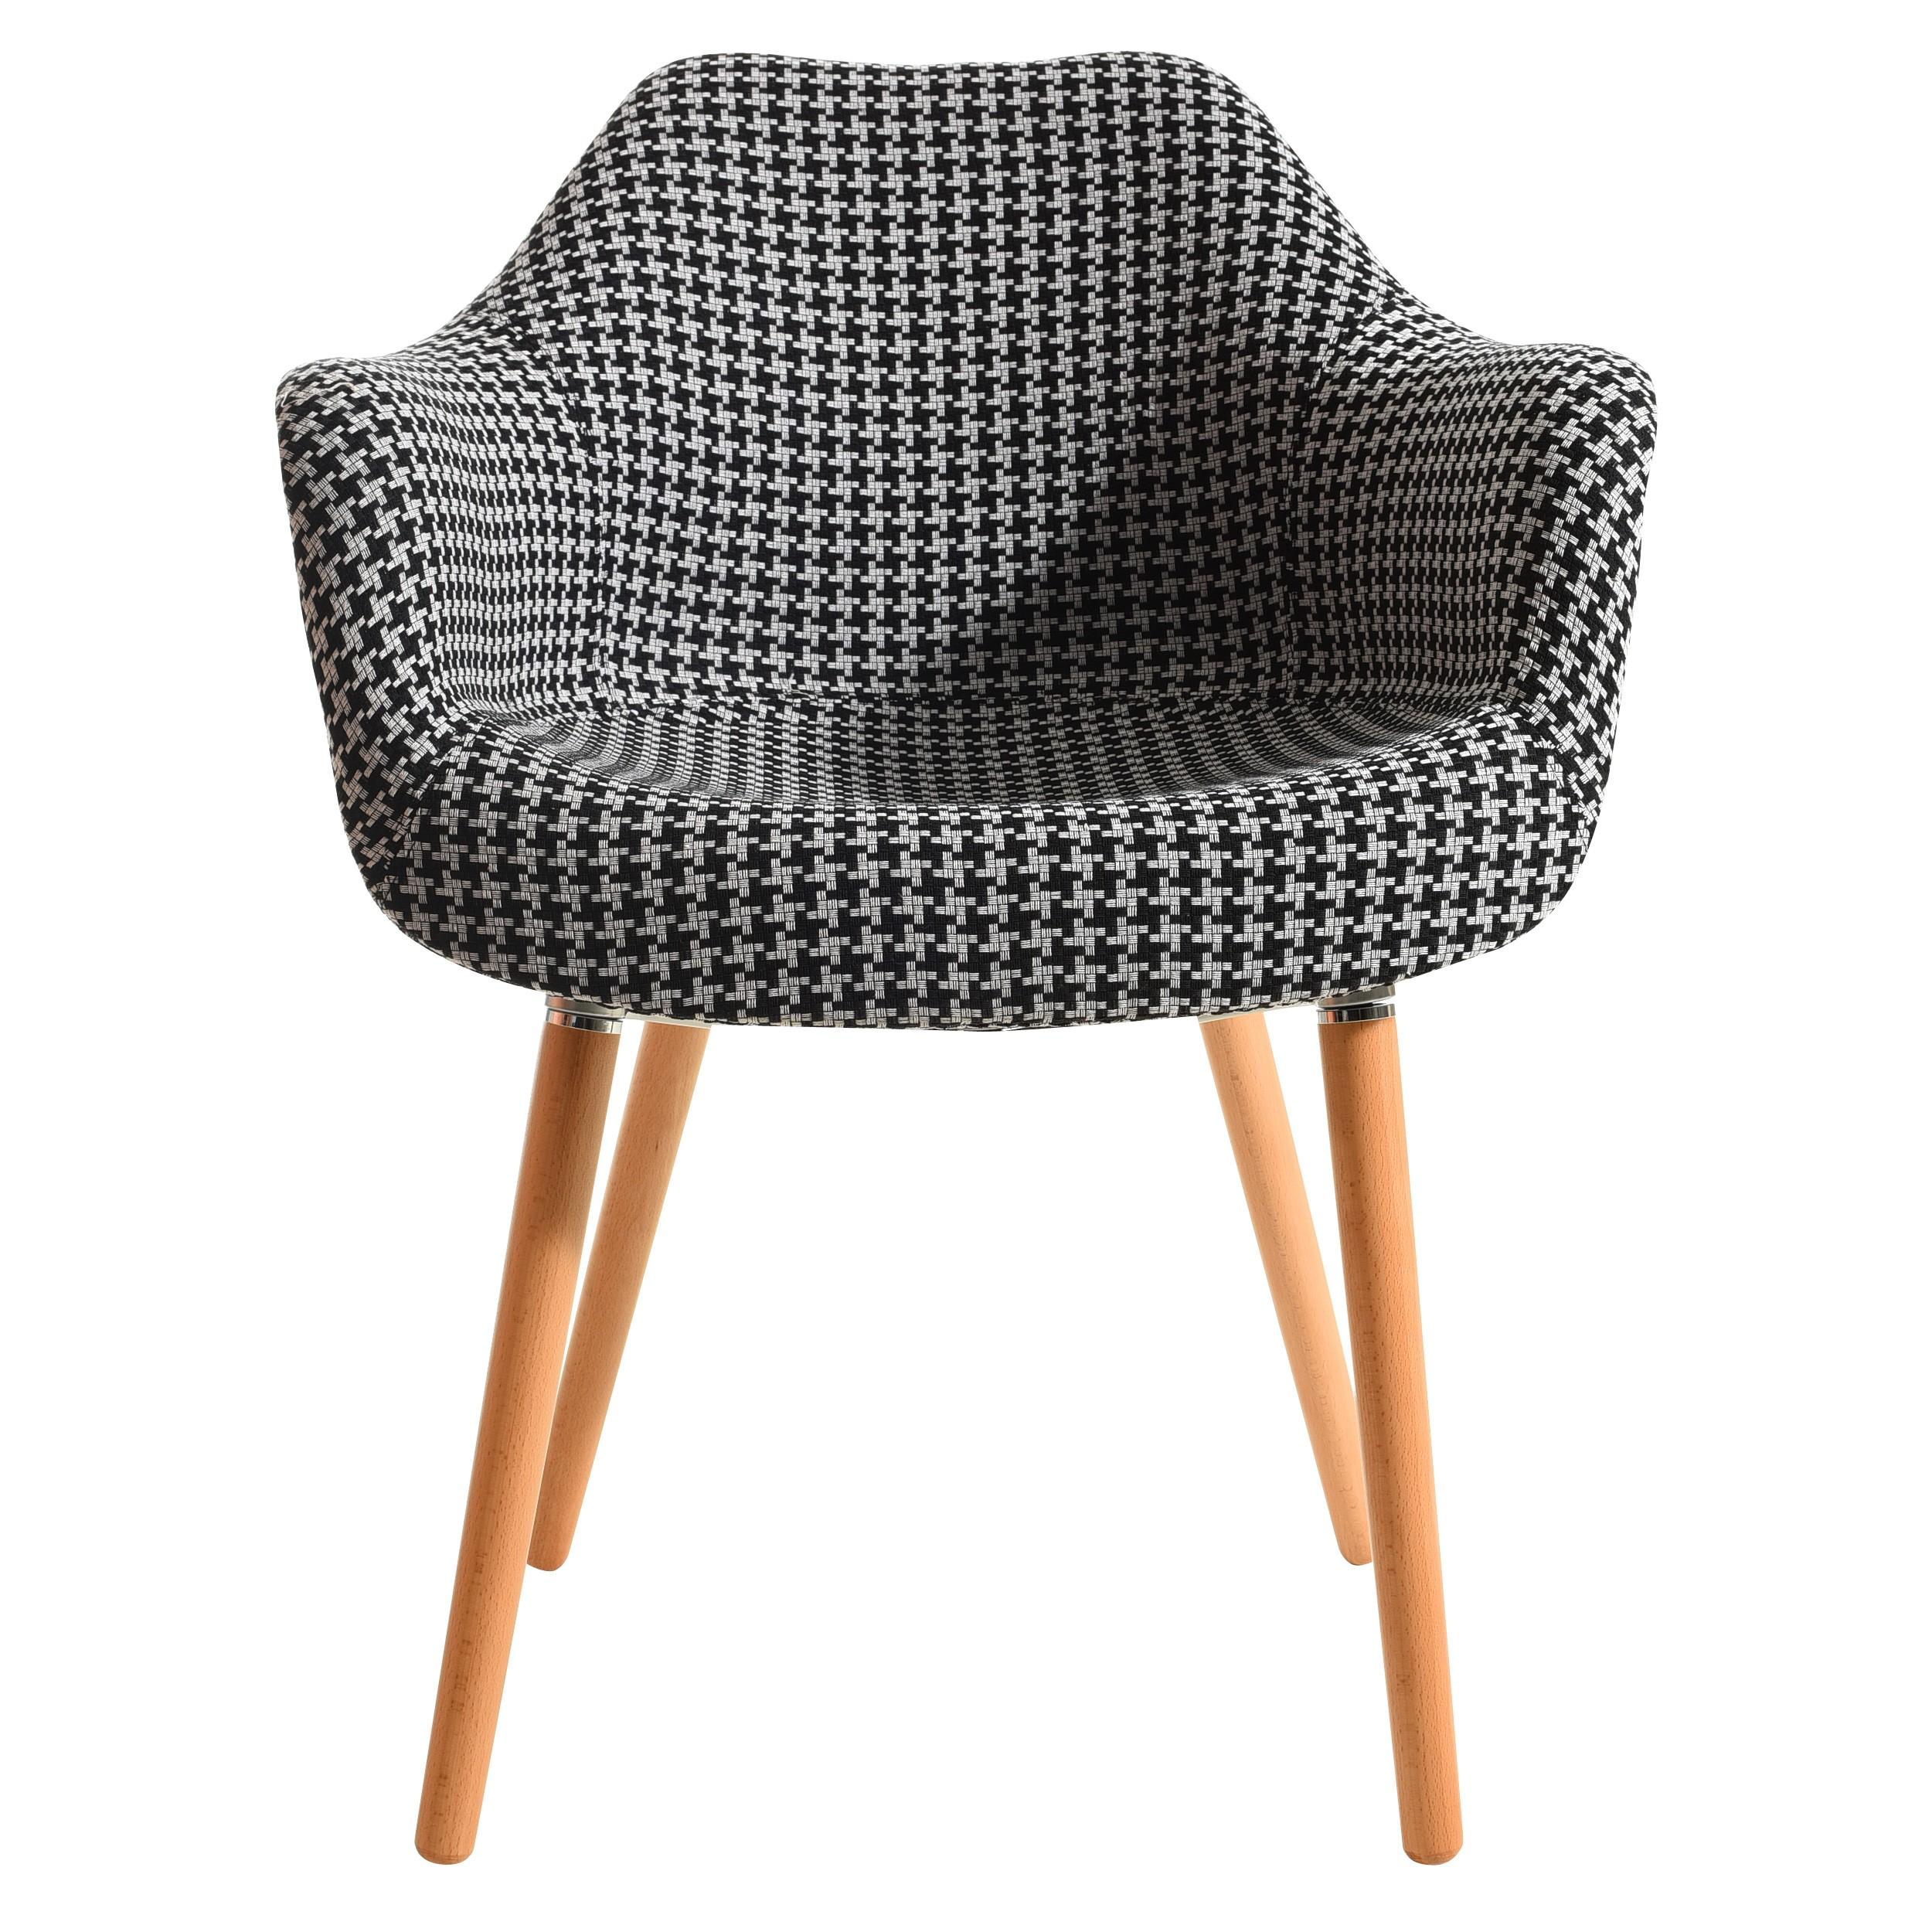 Chaise anssen patchwork pied de poule choisissez nos for Acheter une chaise